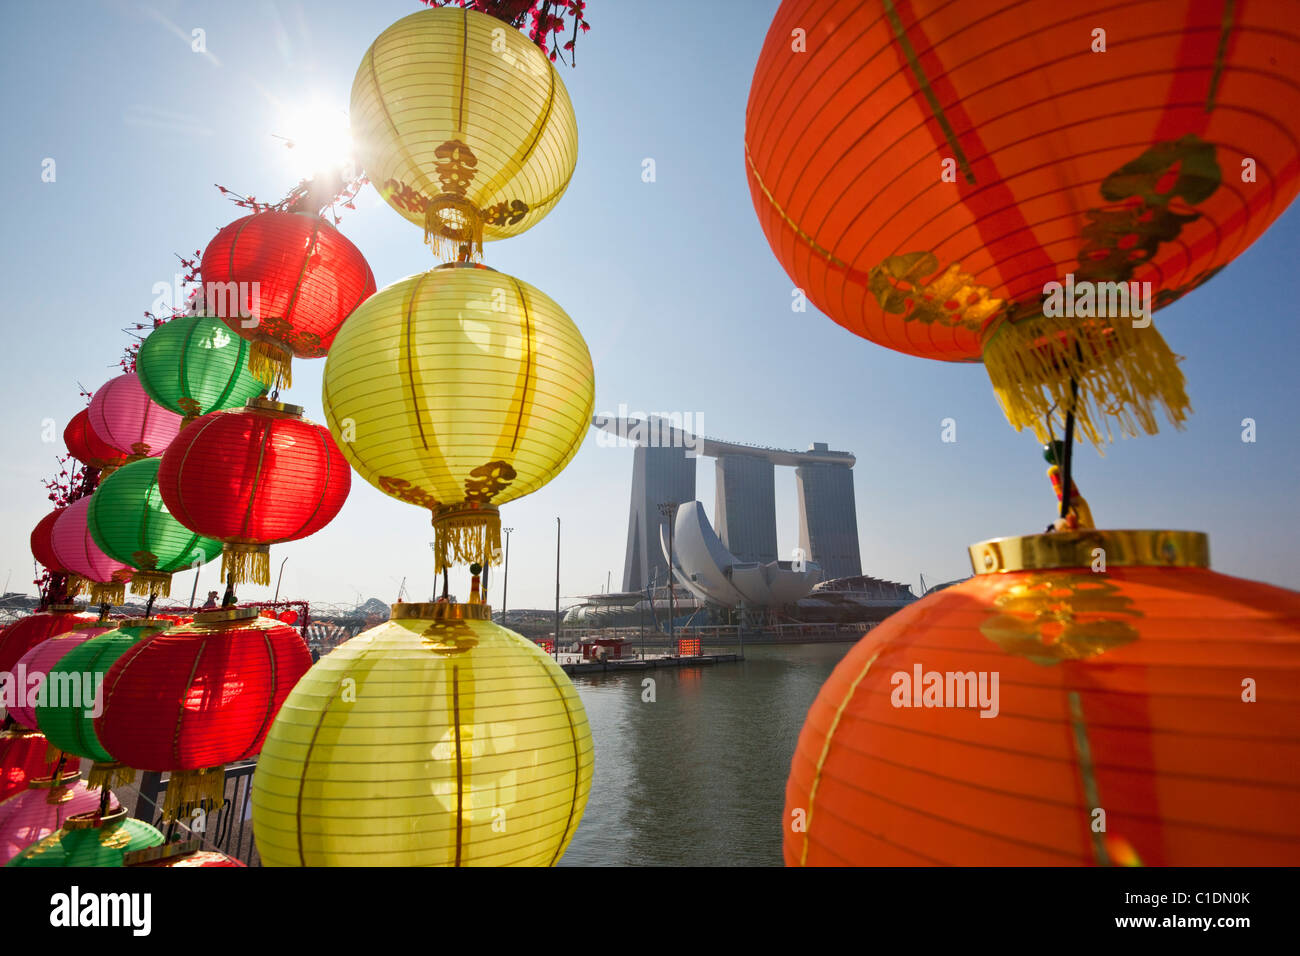 Il Marina Bay Sands Singapore osservata attraverso il Capodanno cinese decorazioni. Il Marina Bay, Singapore Immagini Stock